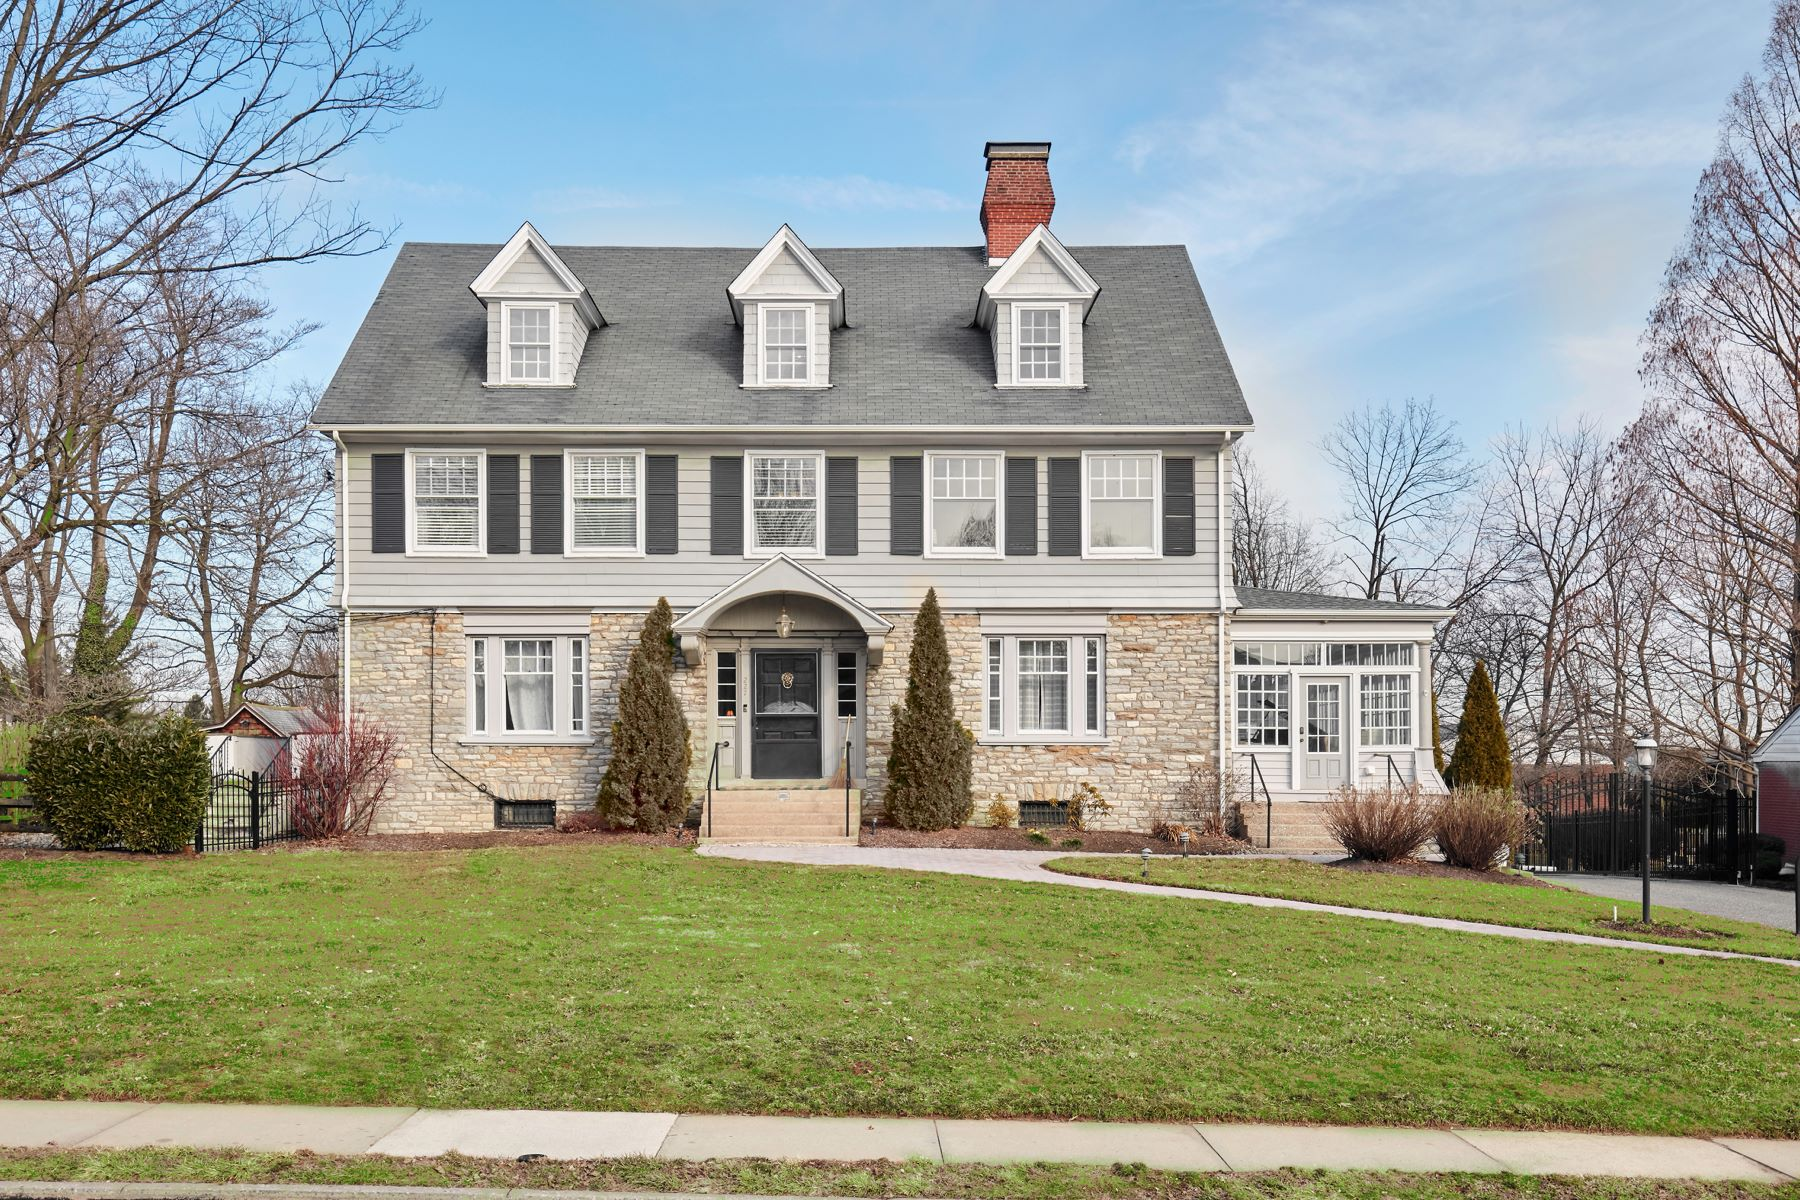 단독 가정 주택 용 매매 에 Turn of the Century Stone Estate Home 227 MONUMENT AVE Malvern, 펜실바니아 19355 미국